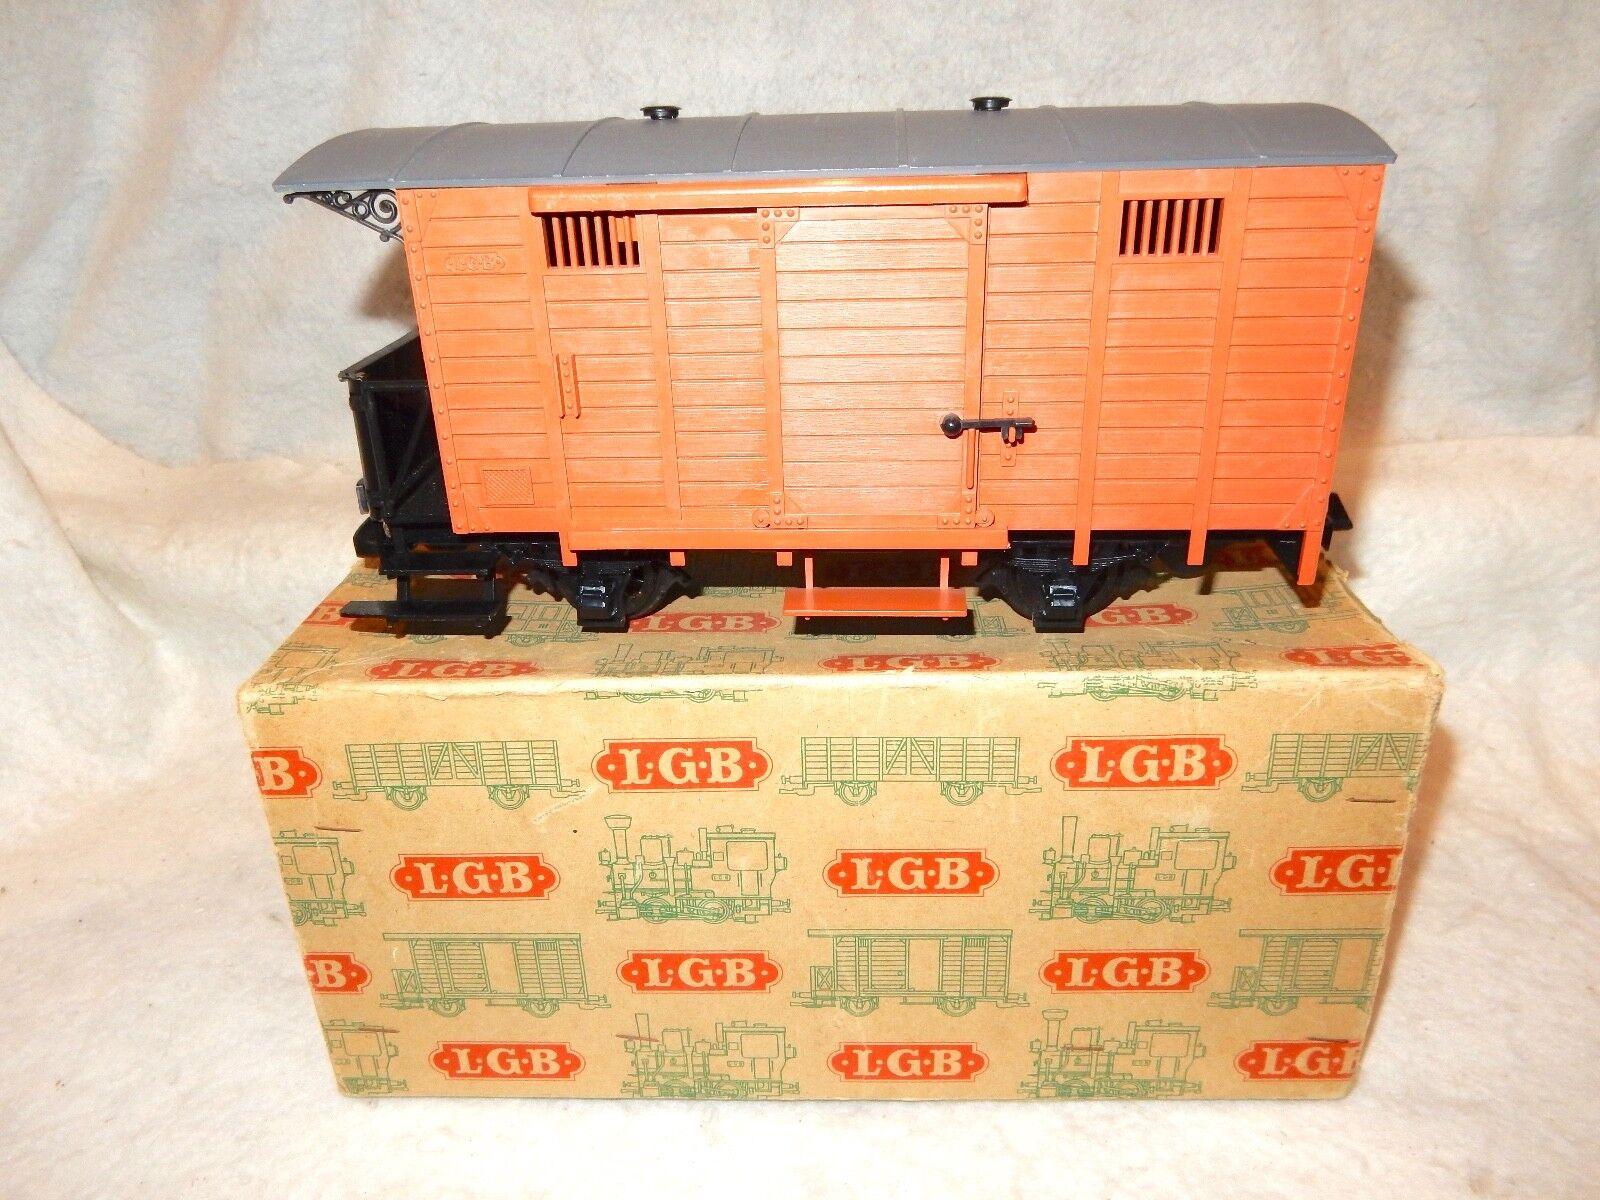 Raro LGB gris Caja con 4030 Furgón con ejes de Metal  muy difícil de encontrar como este